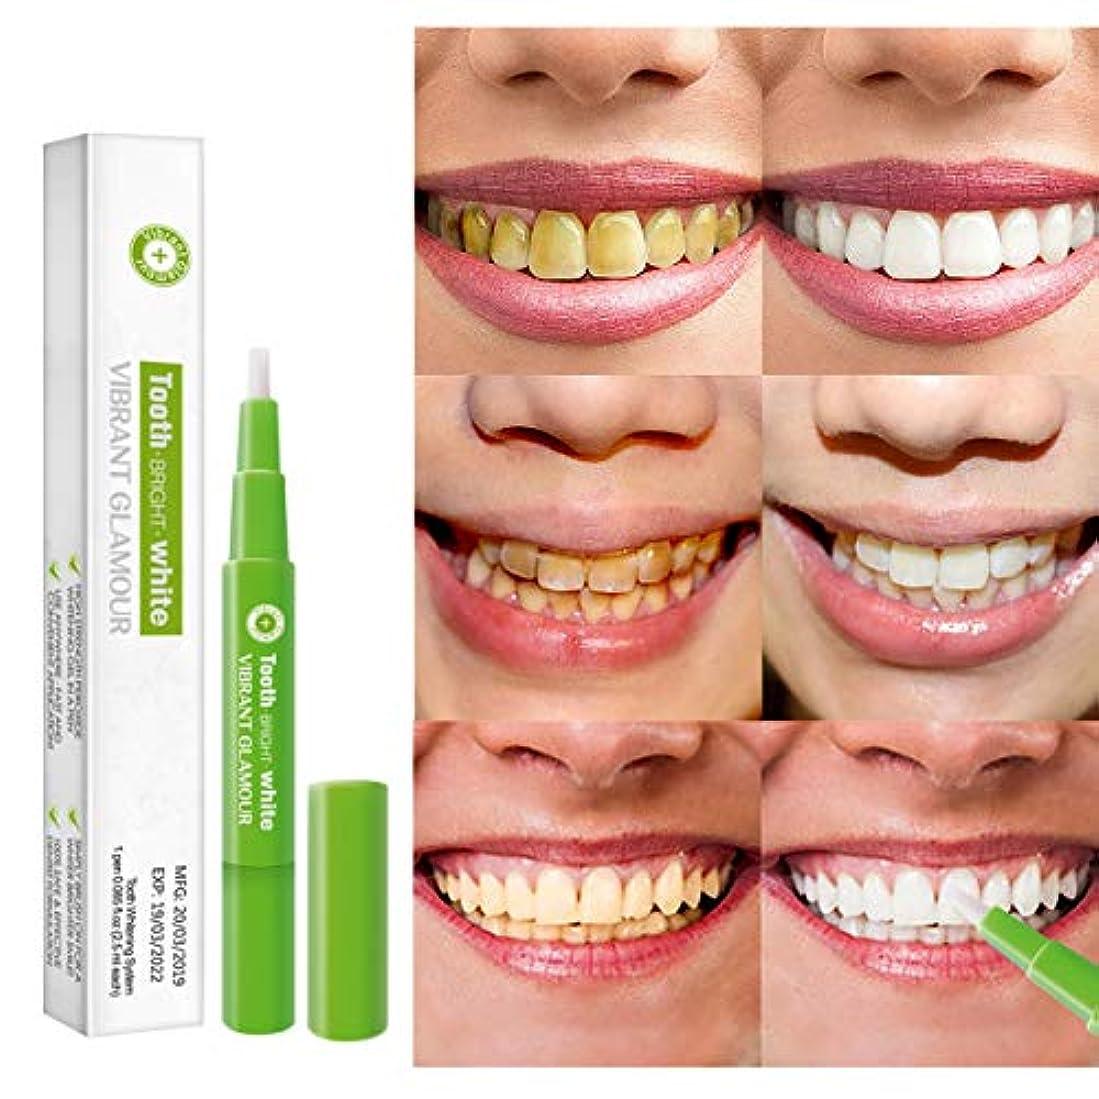 抜け目がないバズダンプFalshyvuk 歯の漂白剤 ホワイトニングペンミントの成分安全性 歯の白い漂白剤 携帯便利 瞬間汚れ消しゴムリムーバー 美白ゲル デンタルケア (3g)